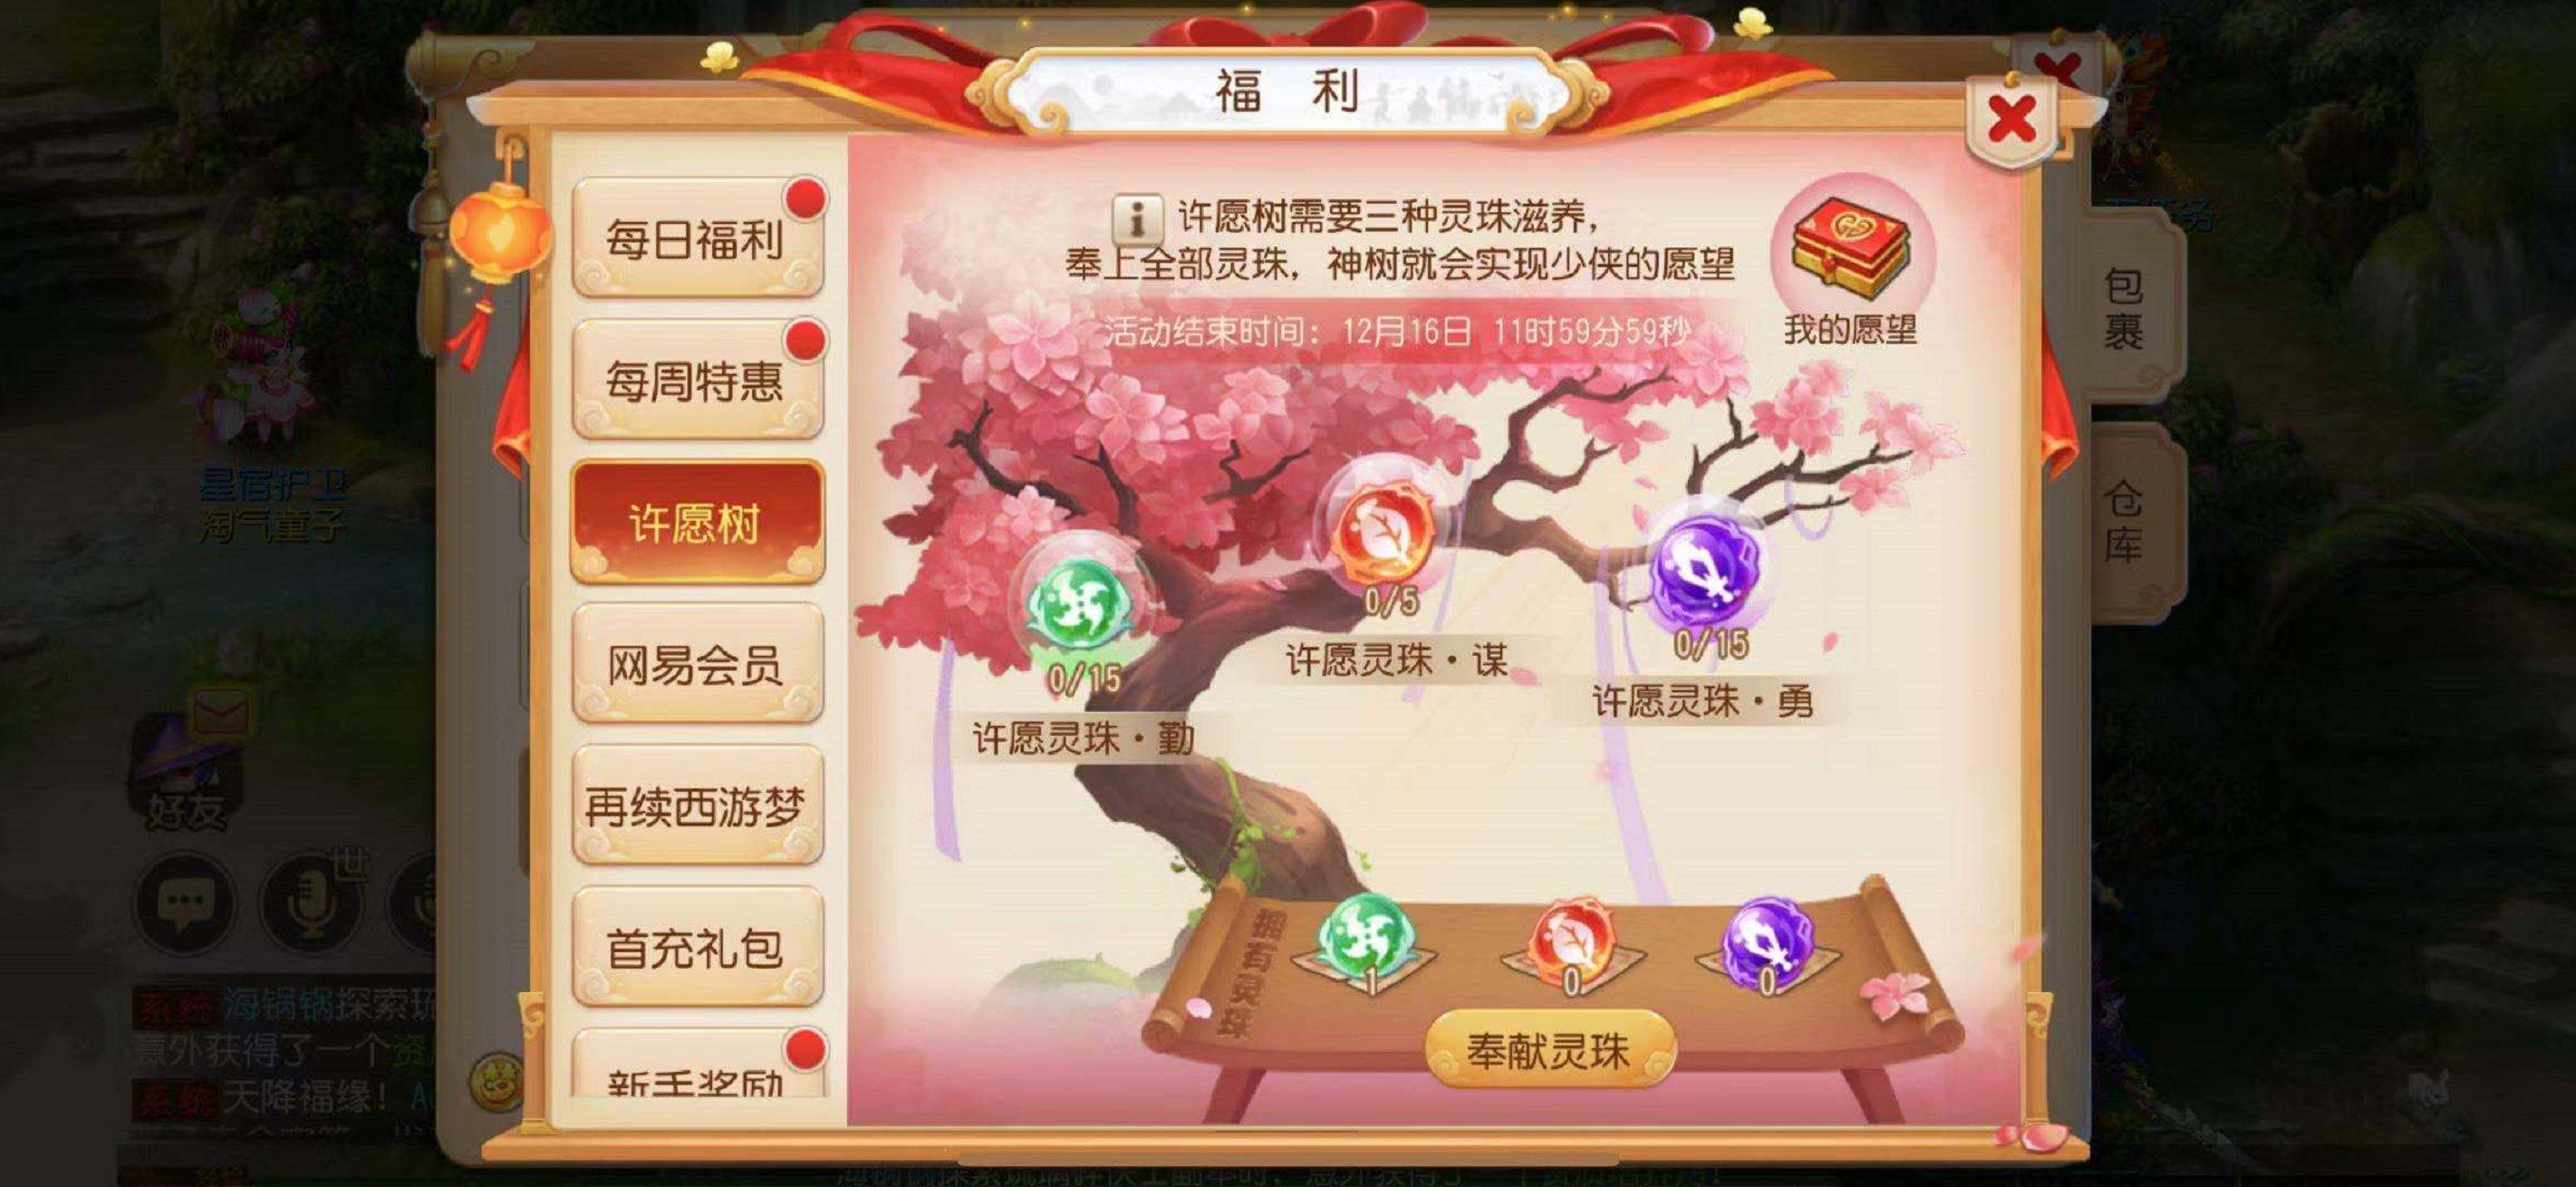 欢度嘉年华,《梦幻西游》手机游戏许愿树活动上线